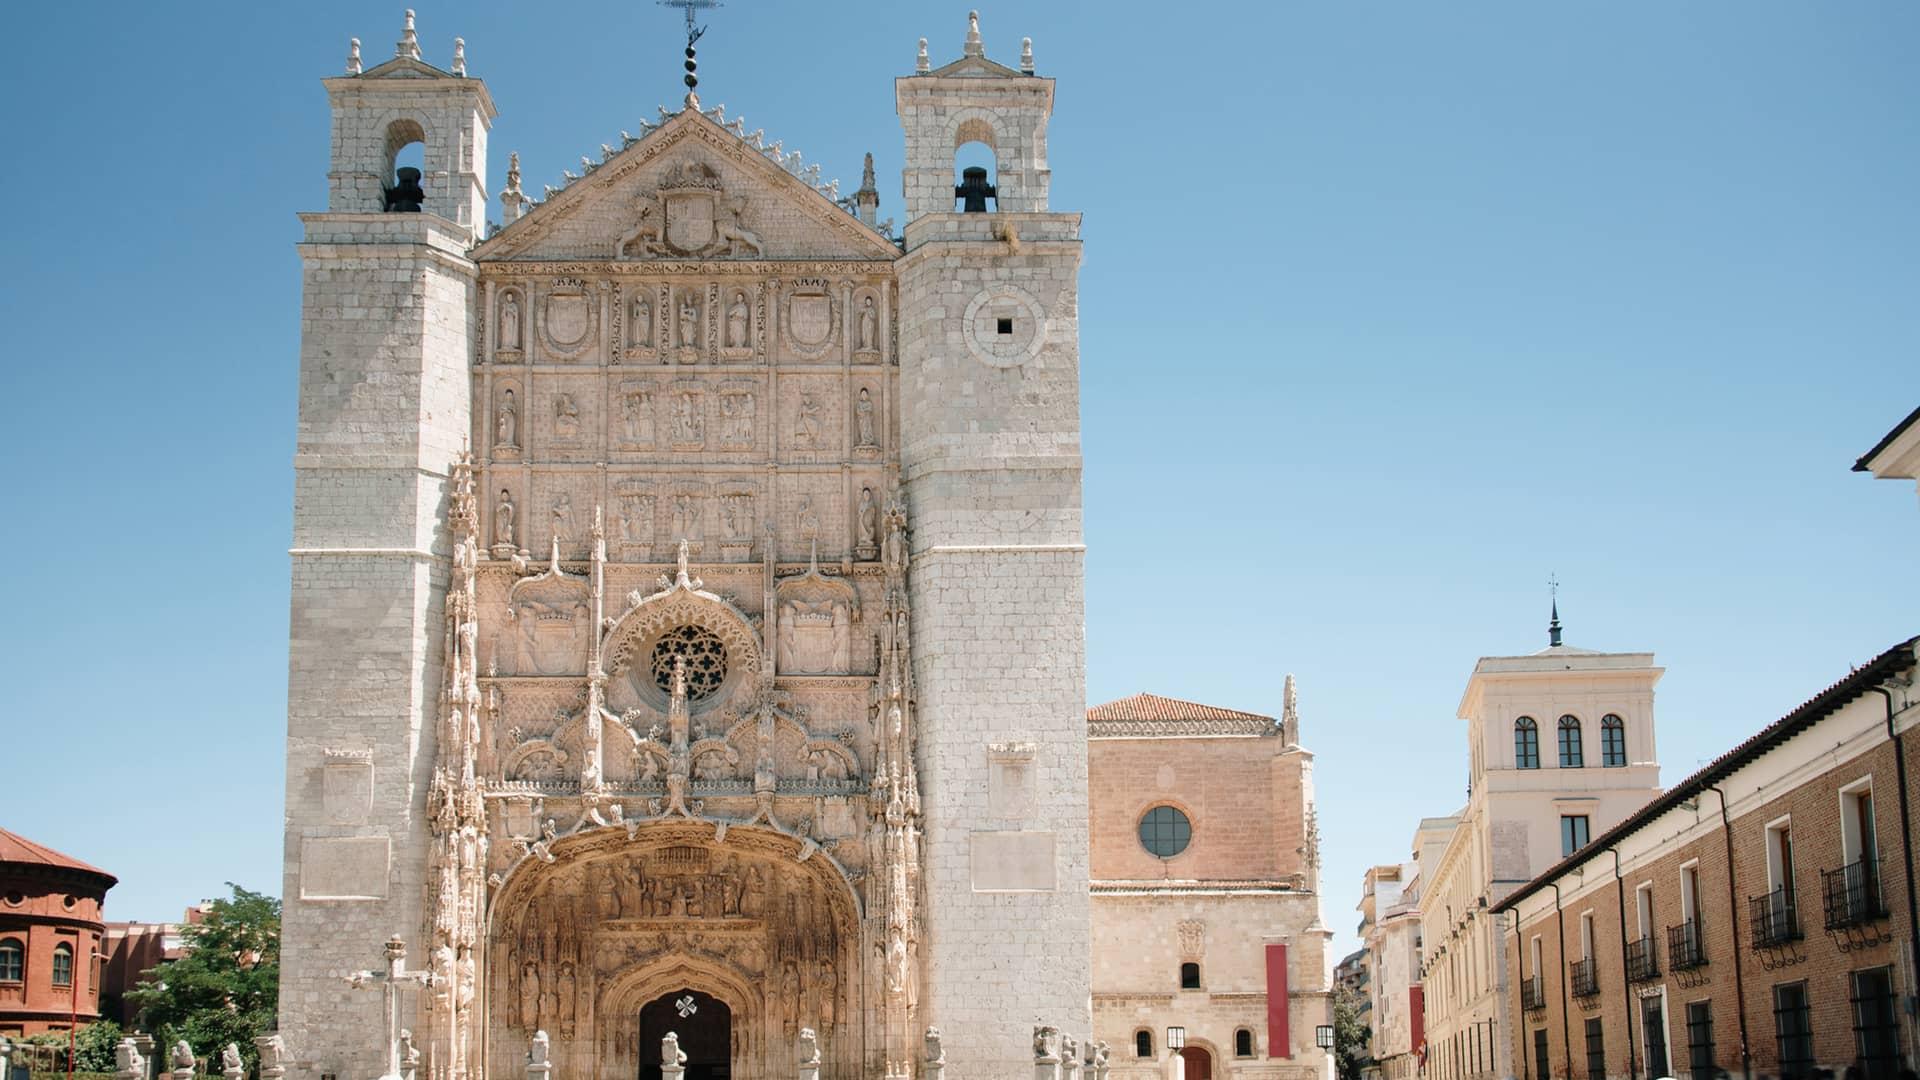 MásMóvil en Valladolid, comprueba si tienes cobertura en tu zona